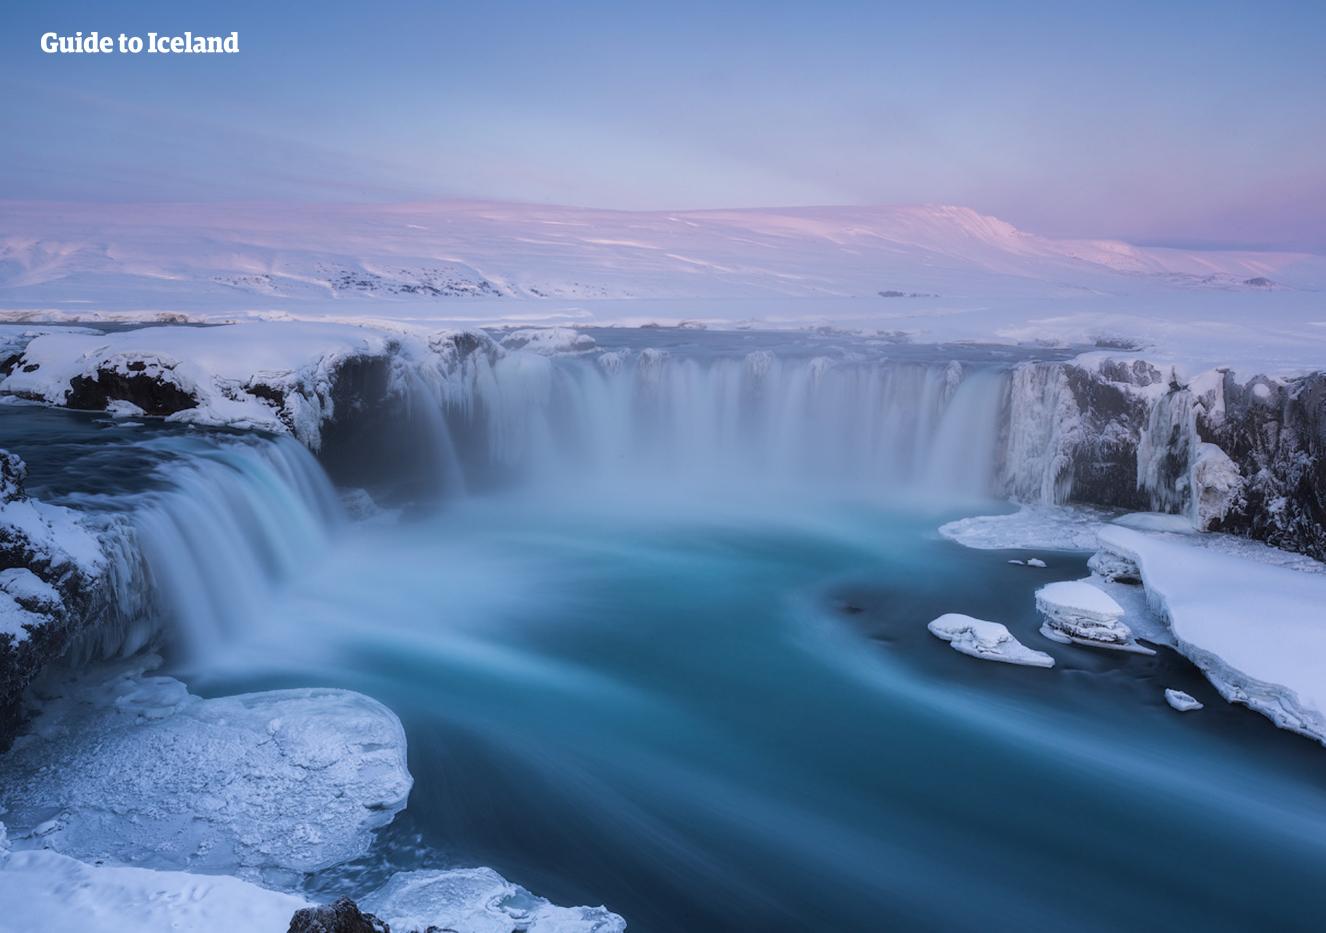 Bajo la luz rosada de un bajo sol invernal, la cascada Goðafoss continúa fluyendo a través de los paisajes nevados del norte de Islandia.